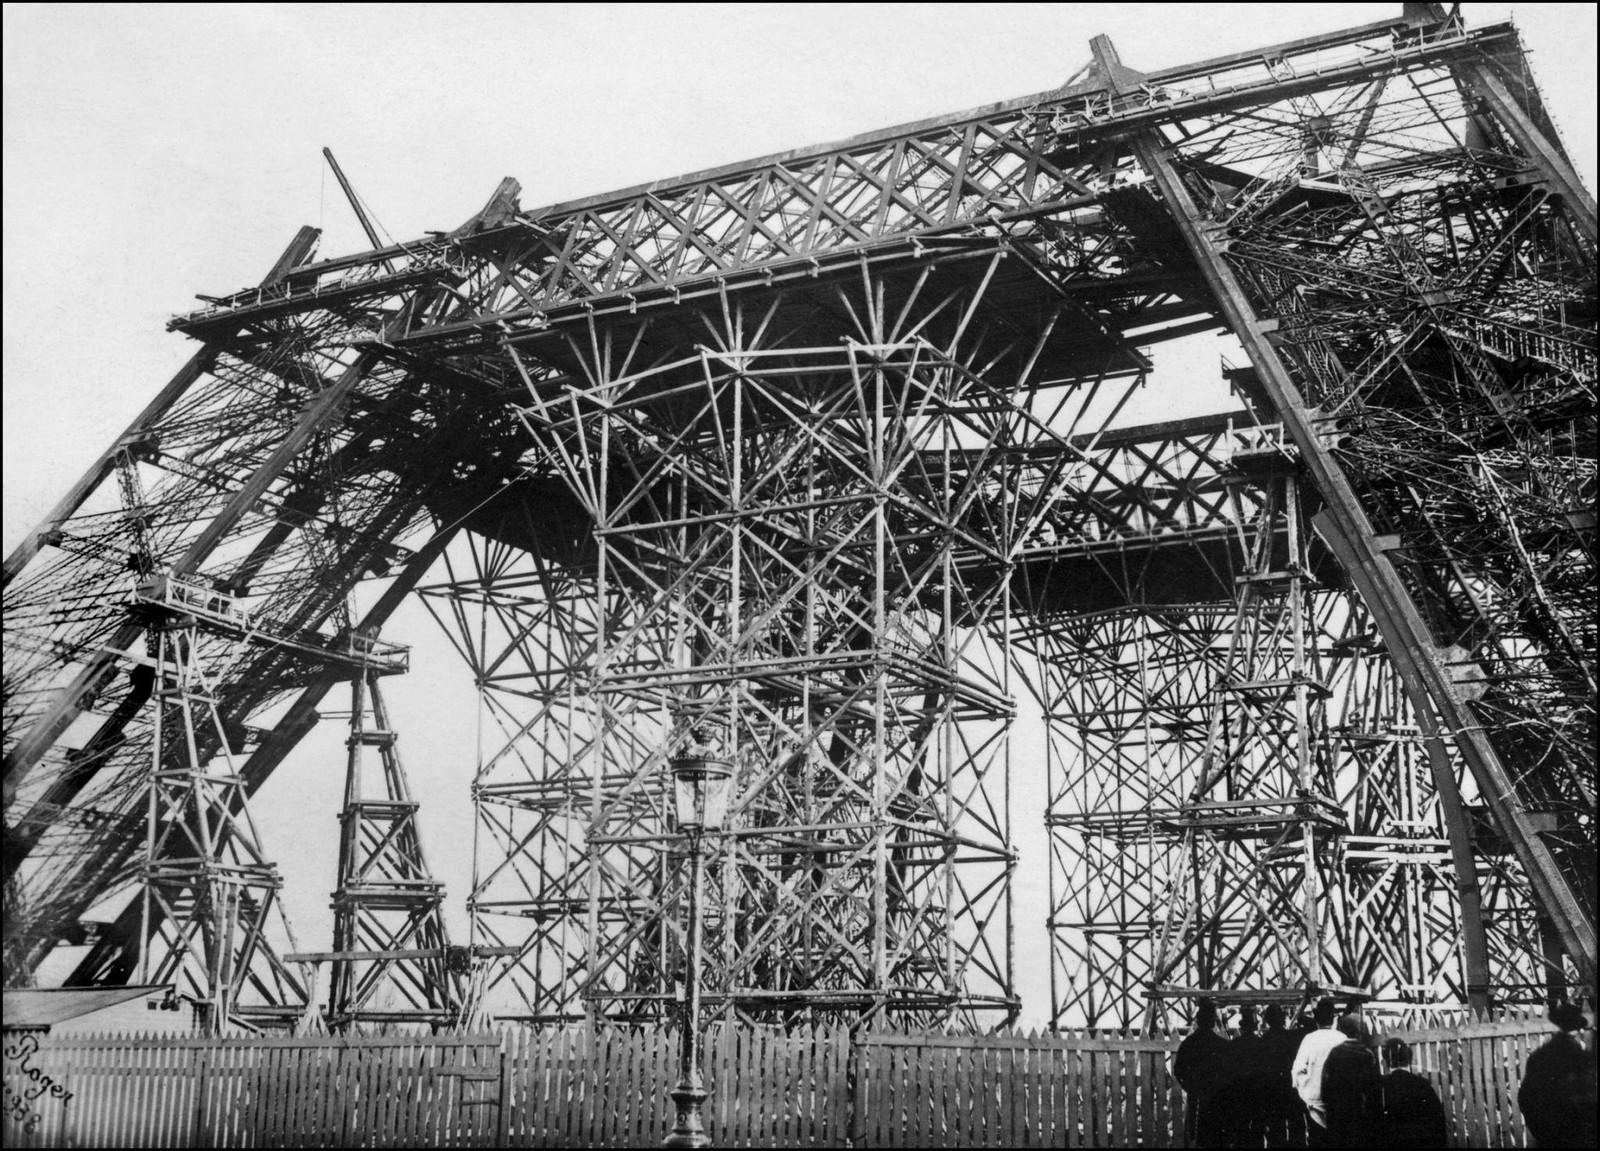 08. 1888. 15 июня. Зрители, собравшиеся за забором, наблюдают за строительством Эйфелевой башни